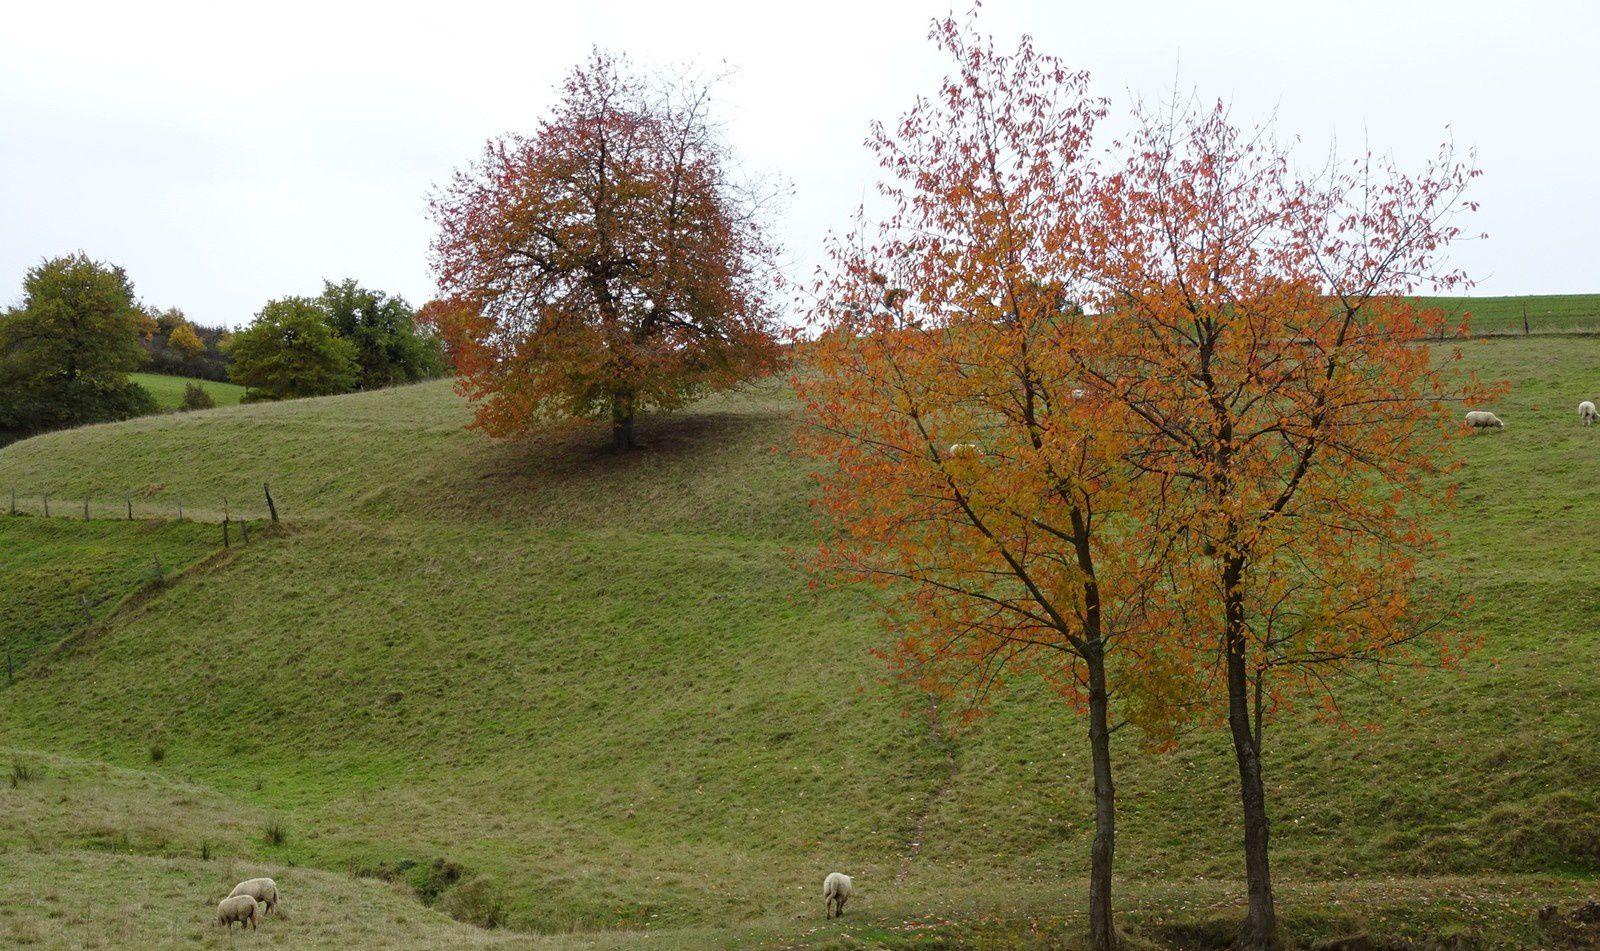 Les arbres ont encore de belles couleurs et je profite de prendre quelques photos avant l'arrivée de la pluie.